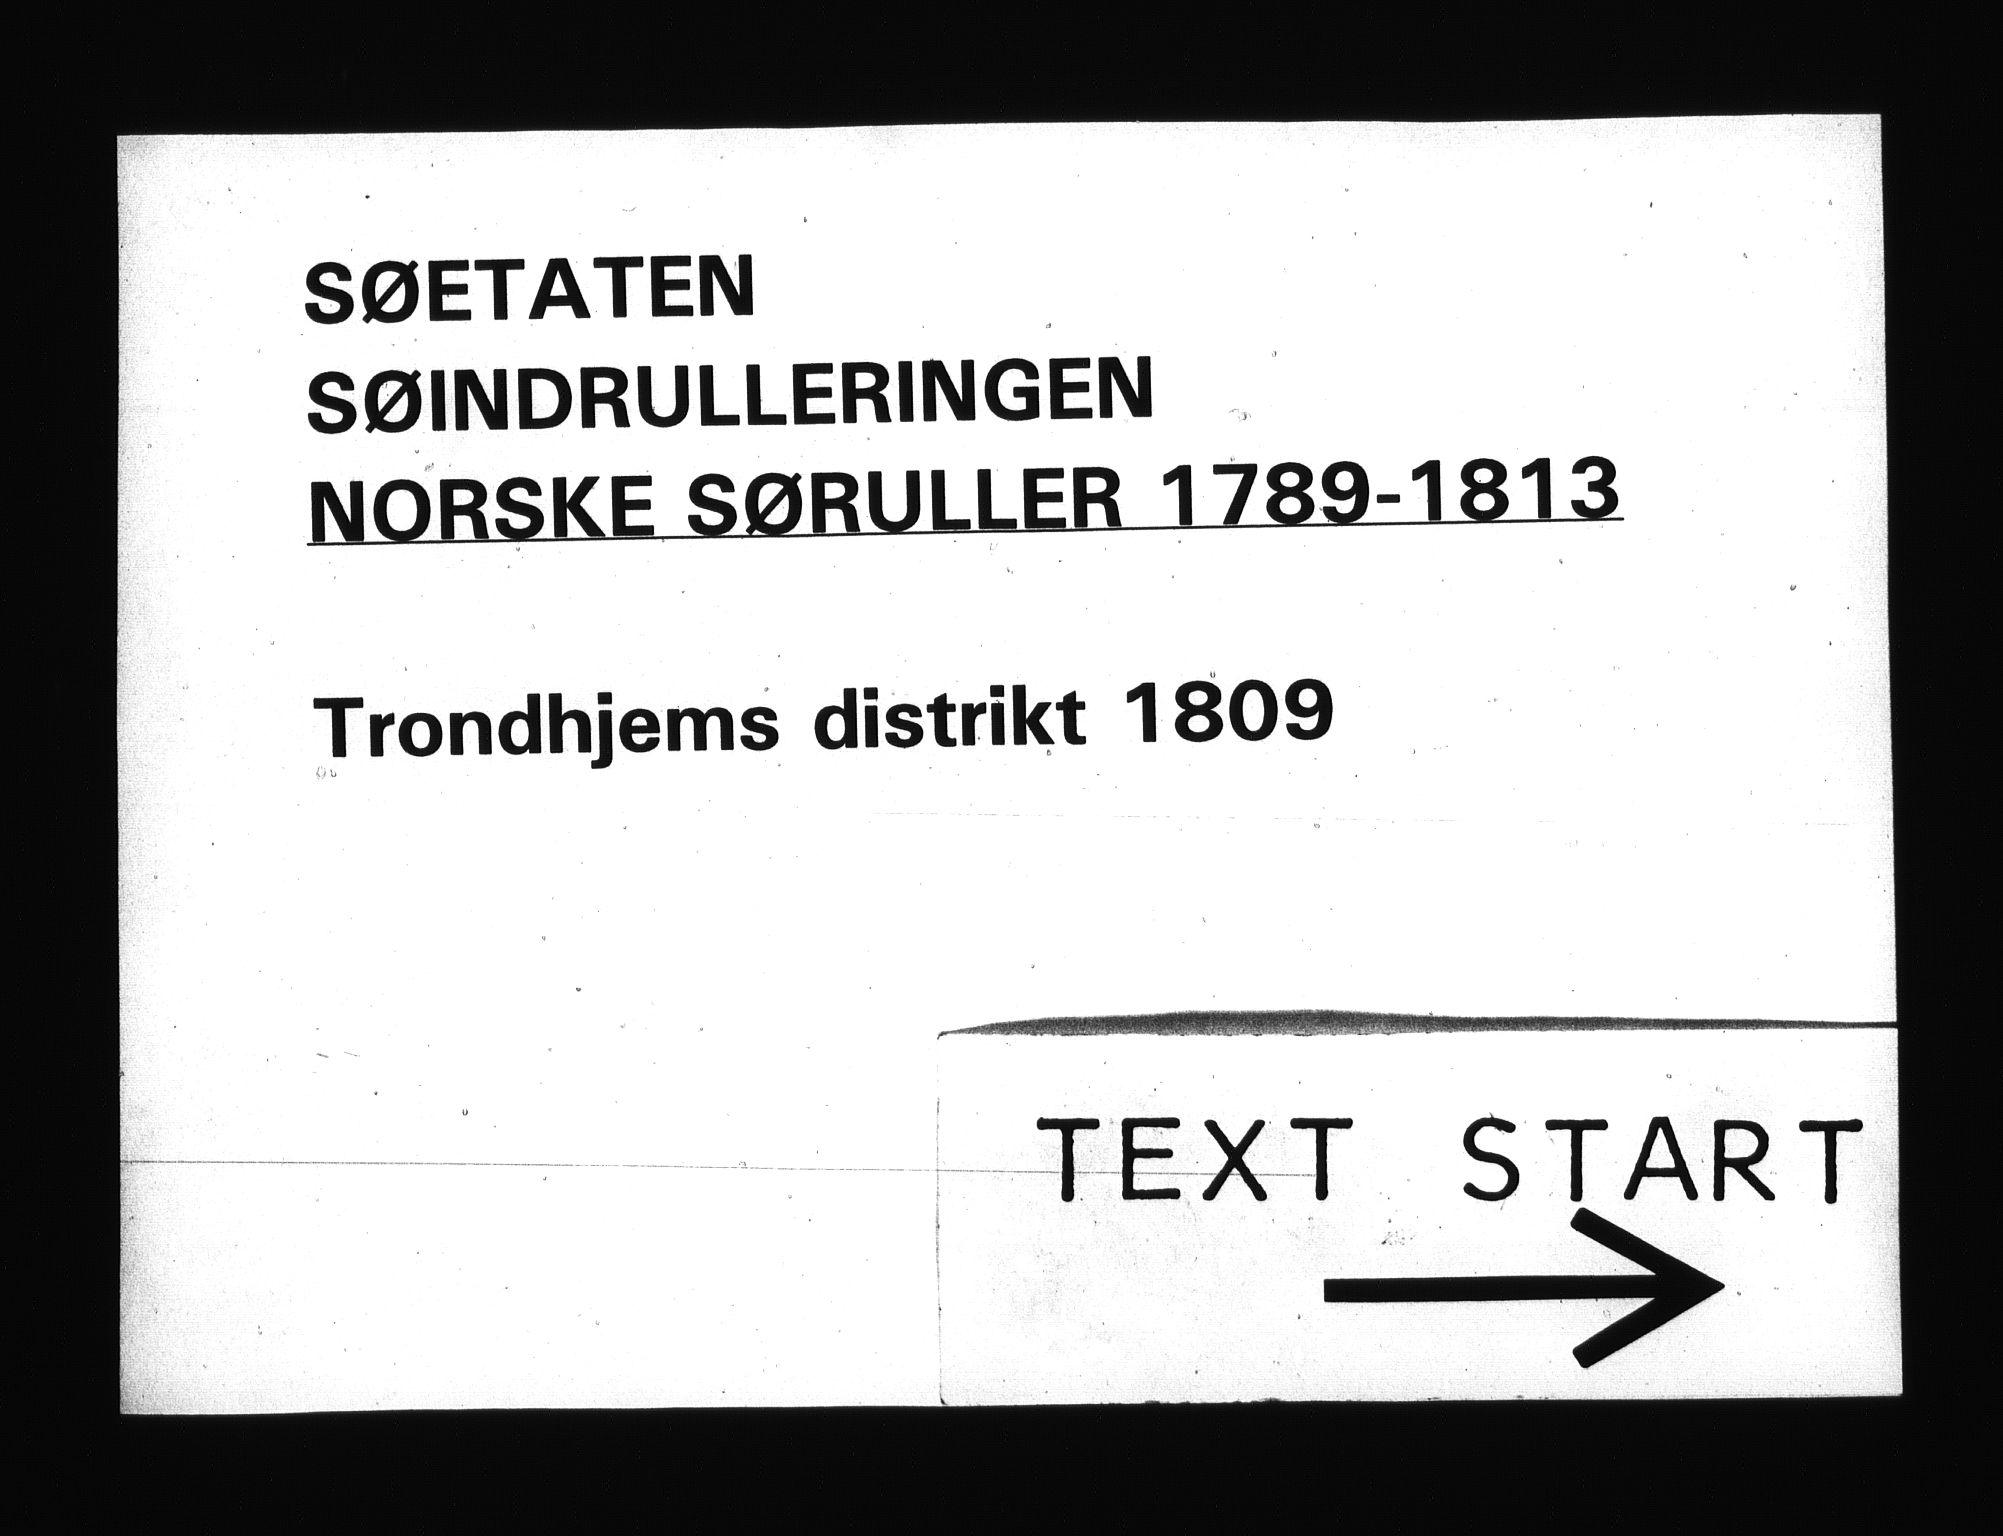 RA, Sjøetaten, F/L0336: Trondheim distrikt, bind 1, 1809